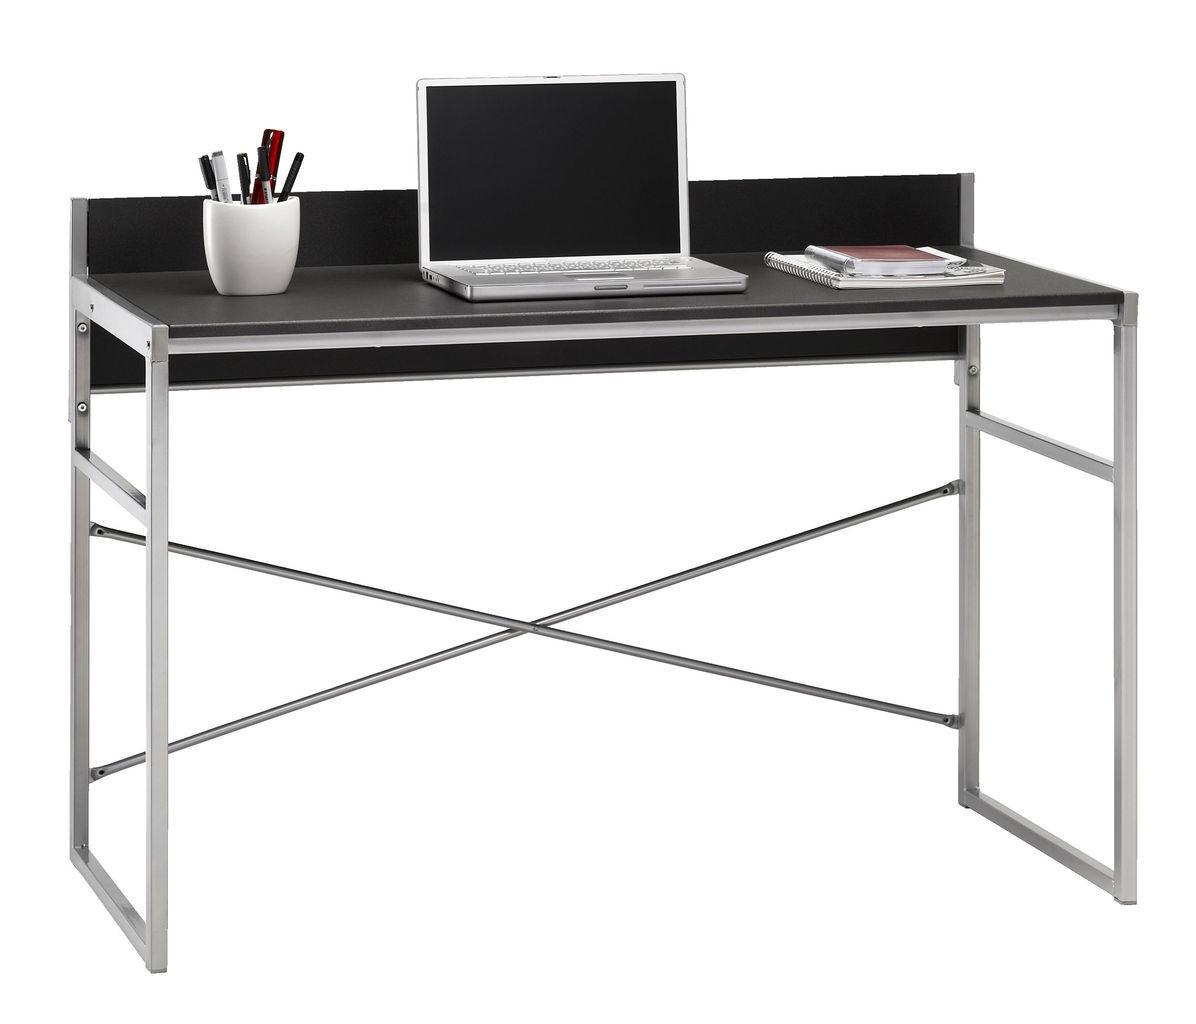 Столик офисный стильный письменный, компьютерный на металлических ножках